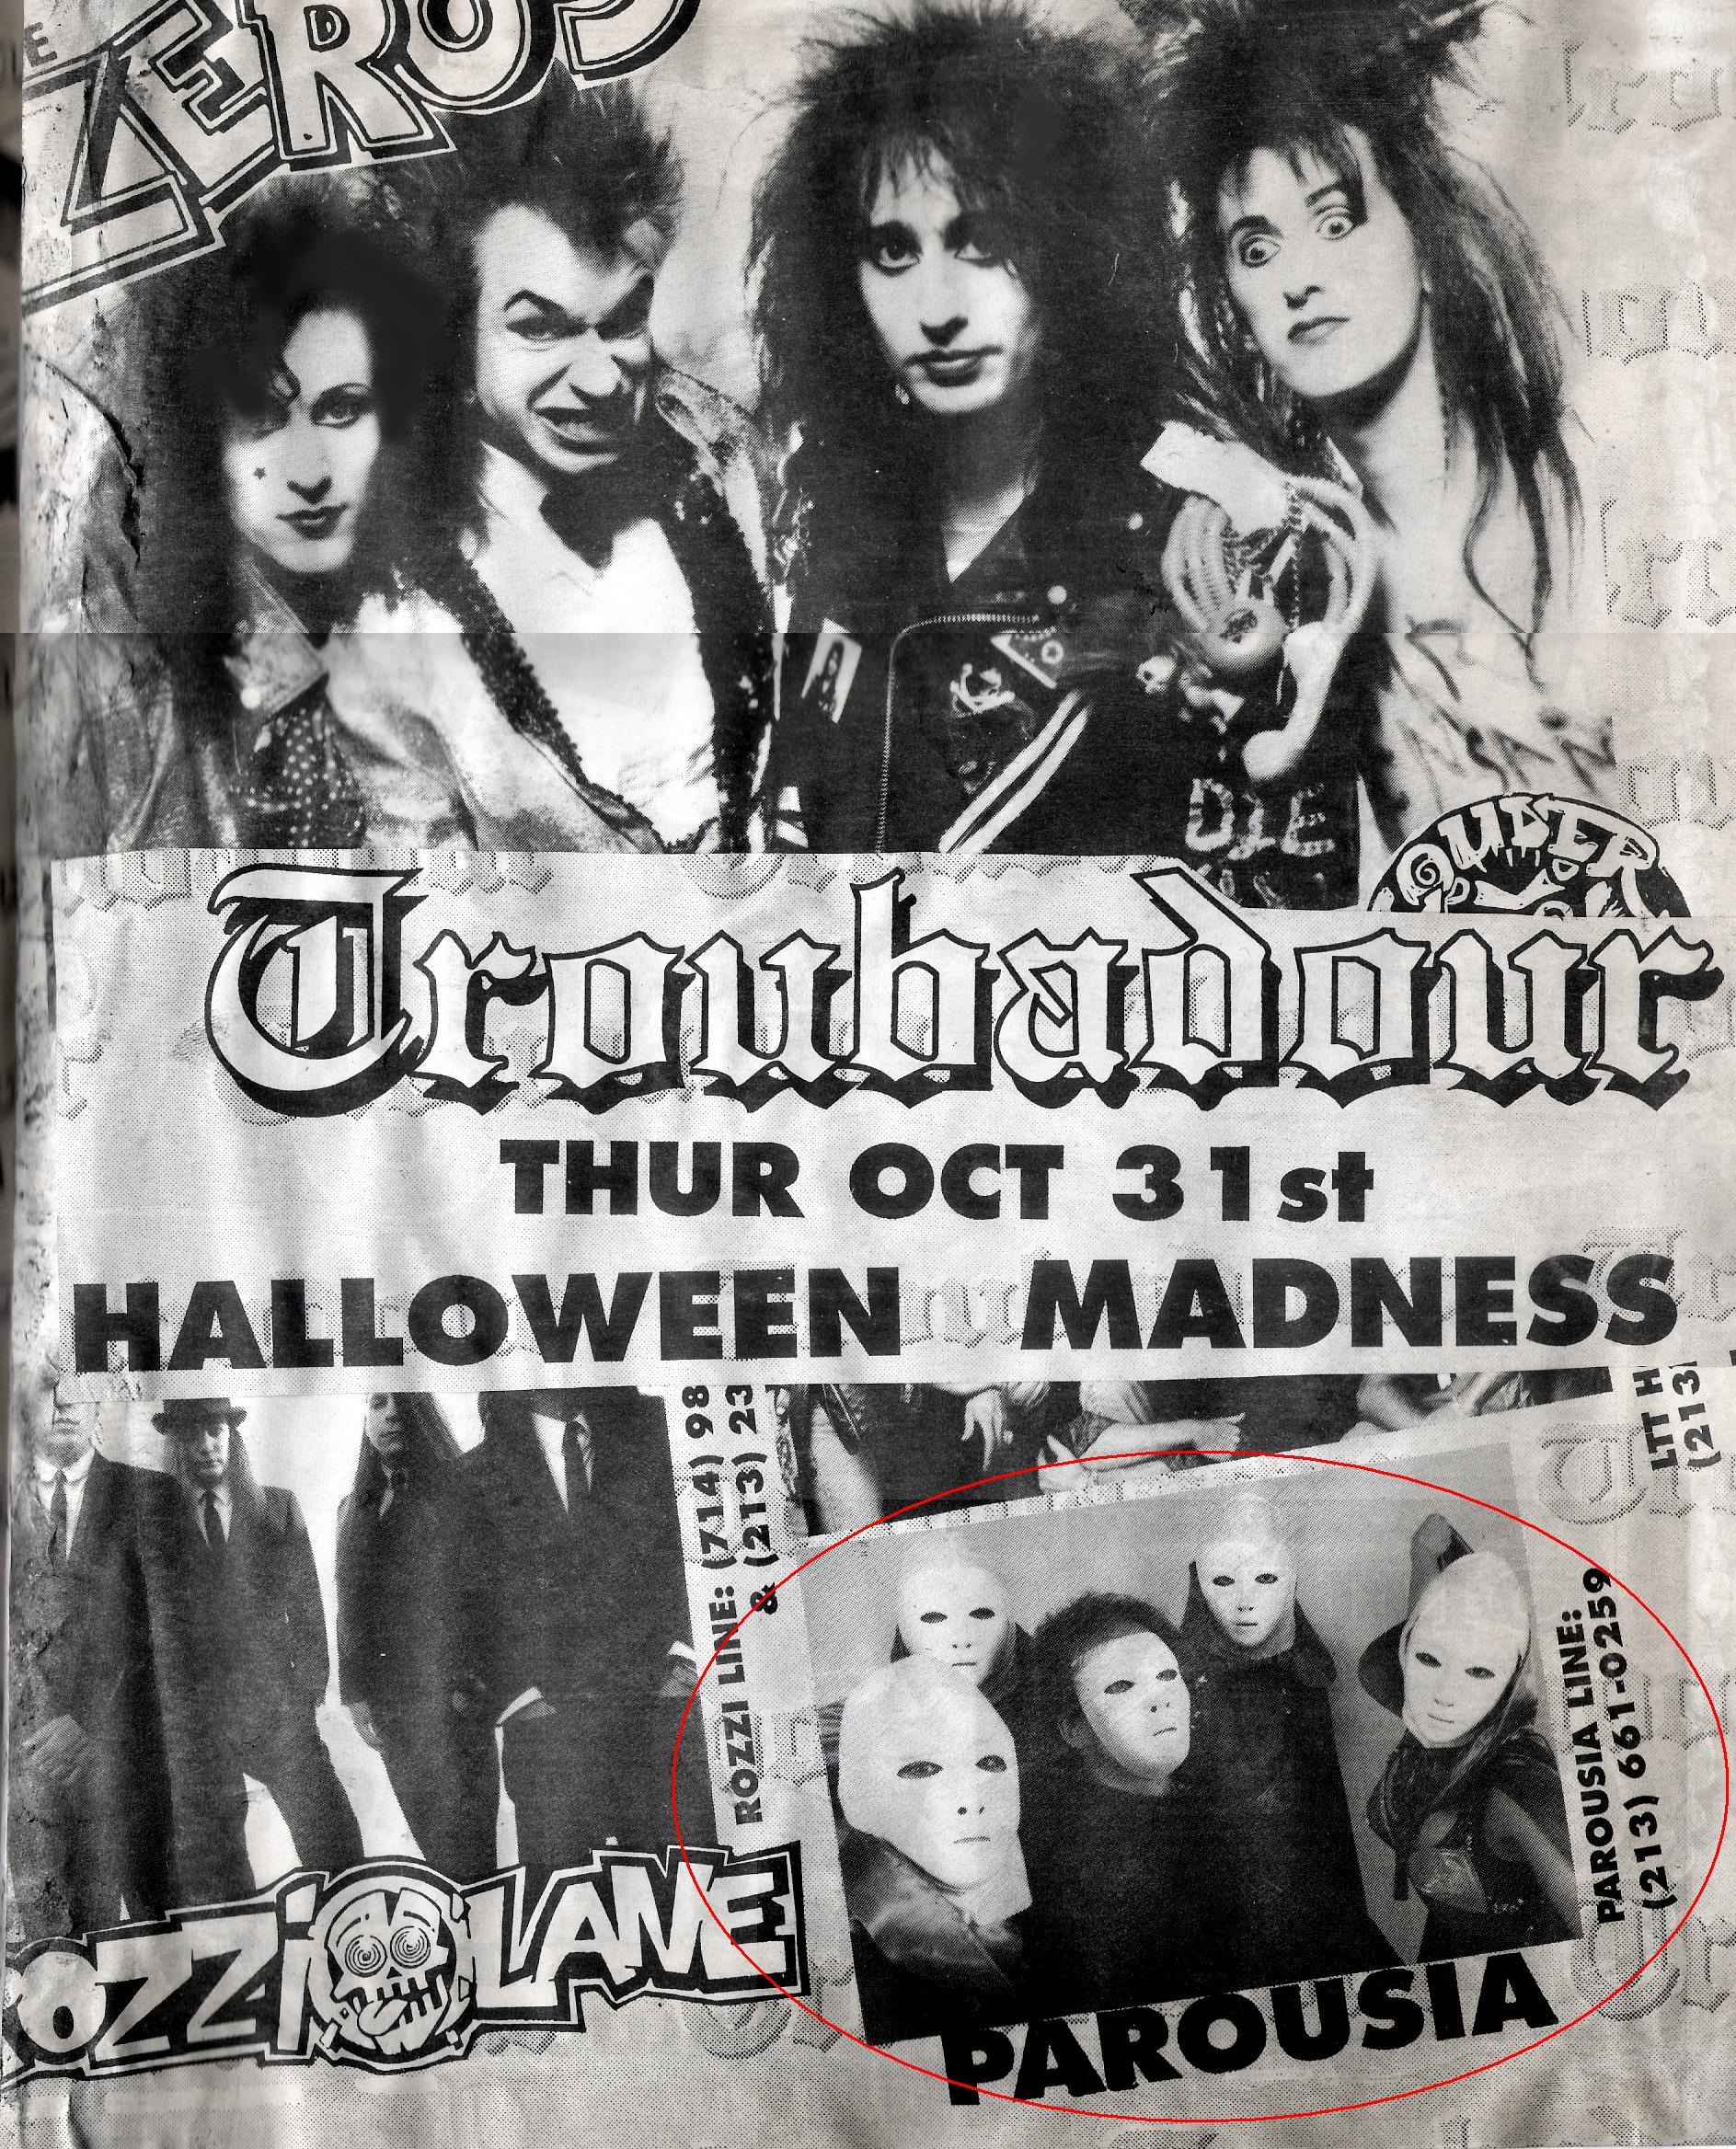 Parousia, the Zeros, Rozzi Lane and Louder Than This at the Troubadour, 10.31.1991